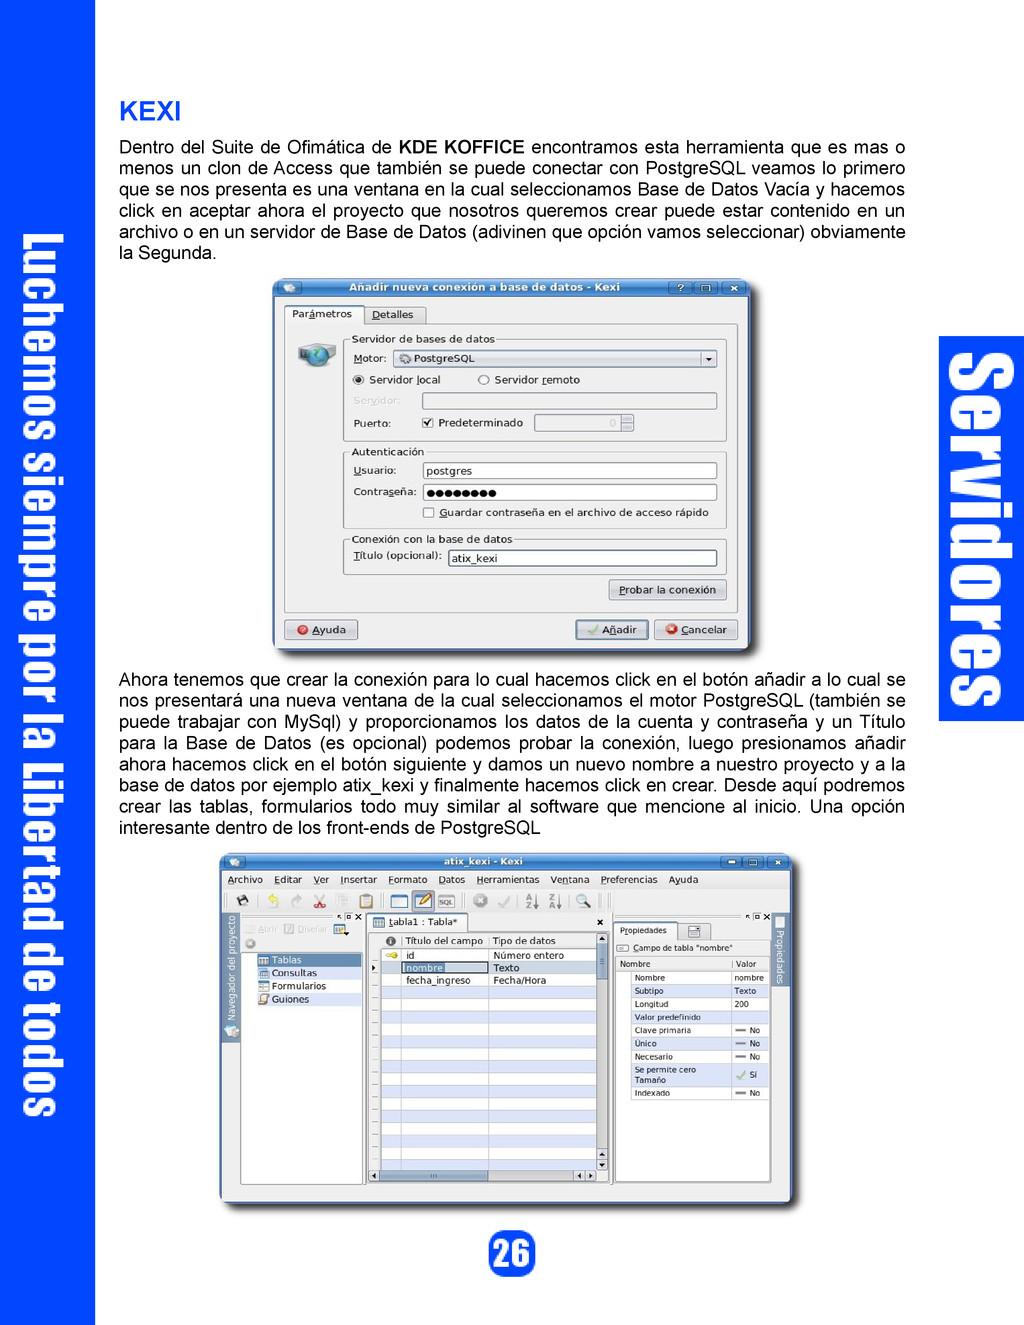 KEXI Dentro del Suite de Ofimática de KDE KOFFI...